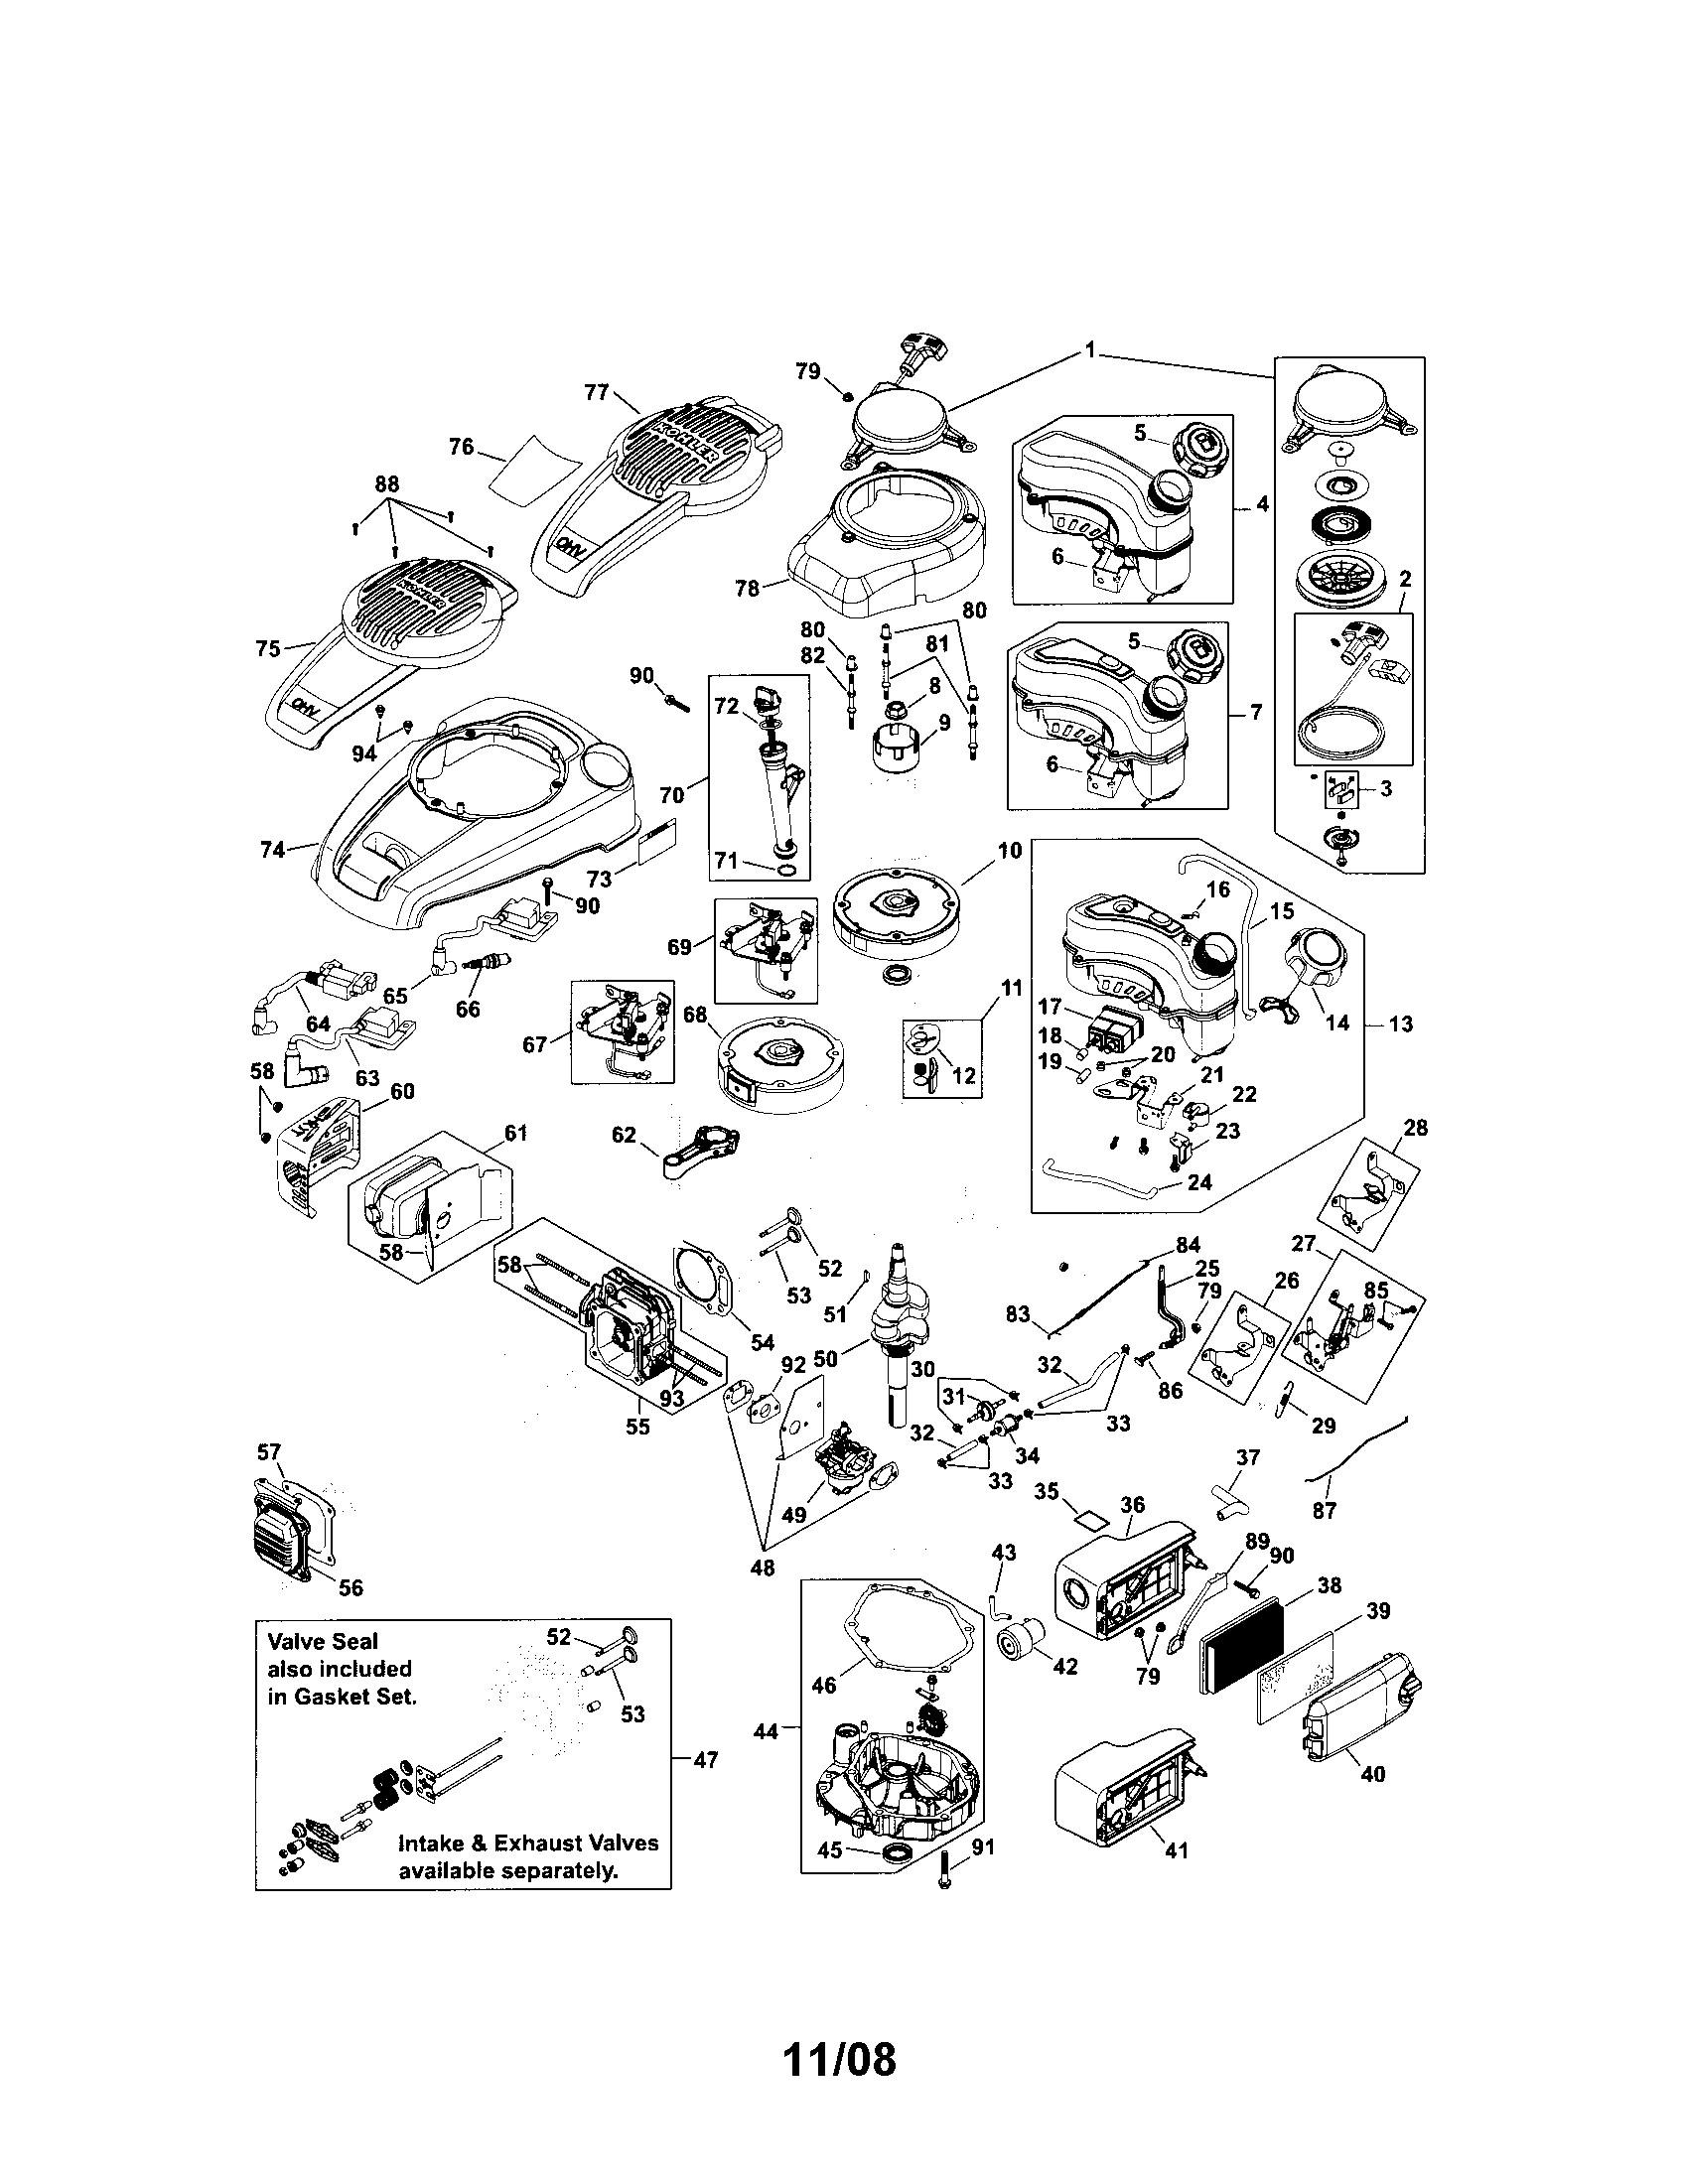 kohler engine diagram 16 hp kohler engine engines for sale